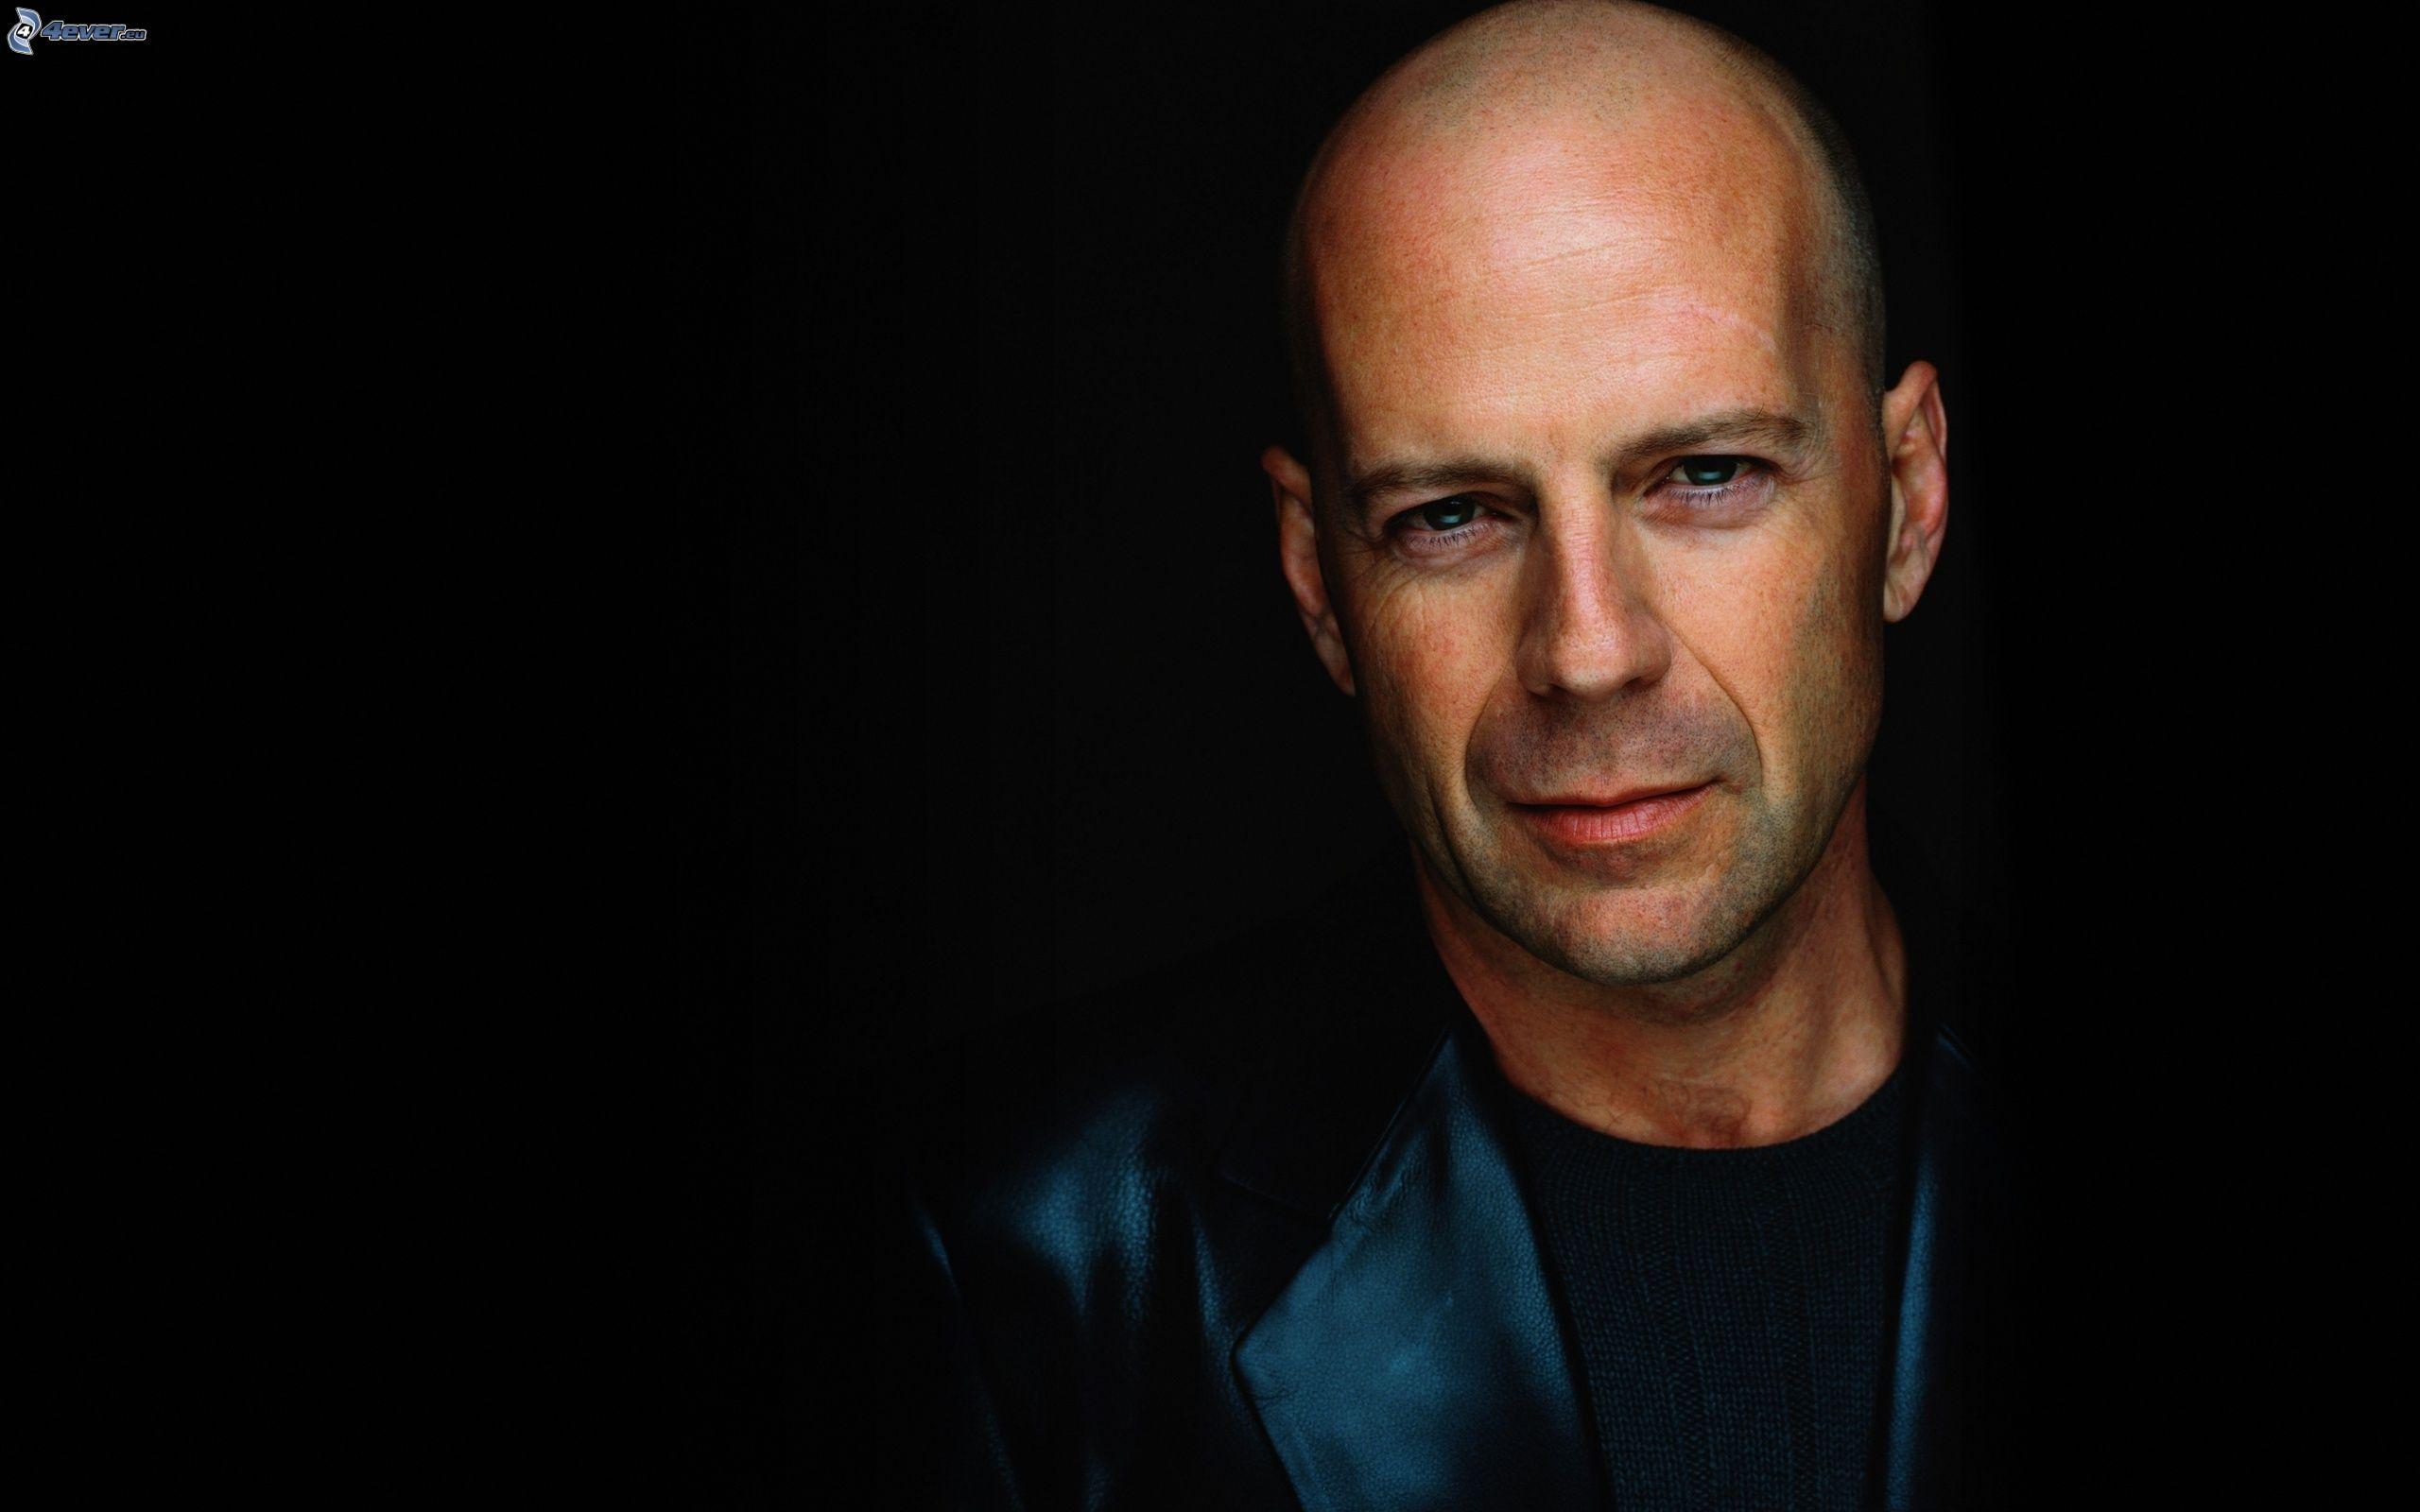 Bruce Willis - bruce-willis-159868